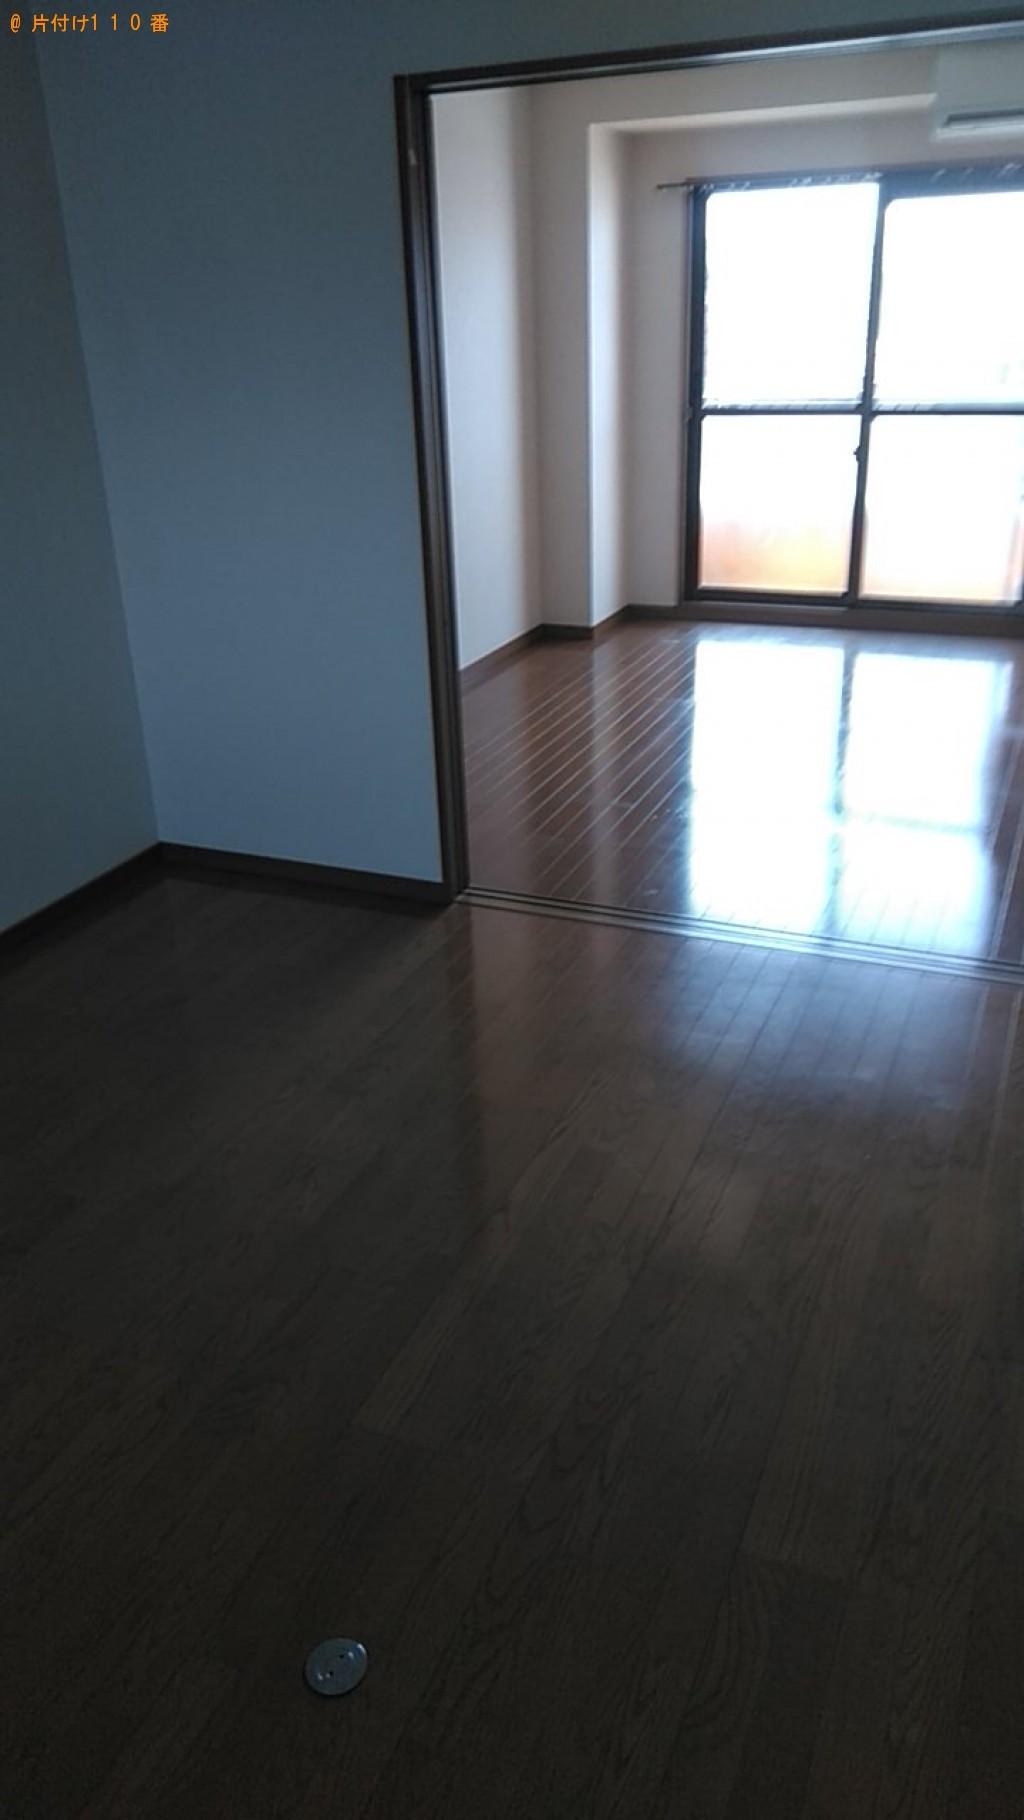 【松山市】冷蔵庫、洗濯機、食器棚、シングルベッドの回収・運搬